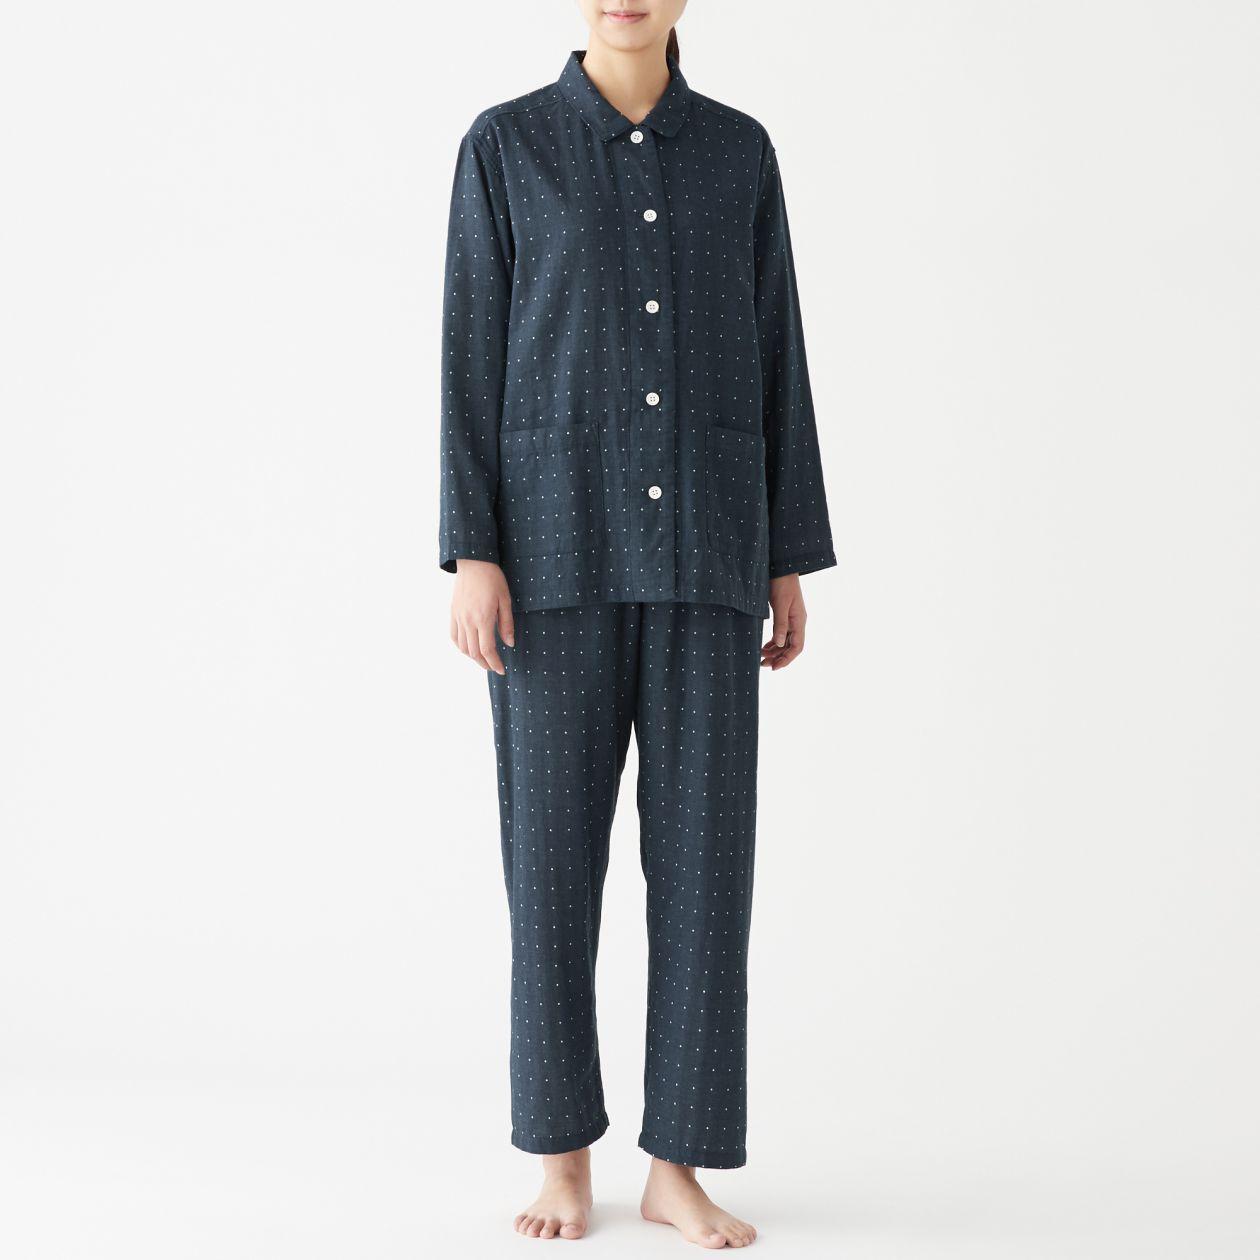 脇に縫い目のない 二重ガーゼパジャマ 無印良品